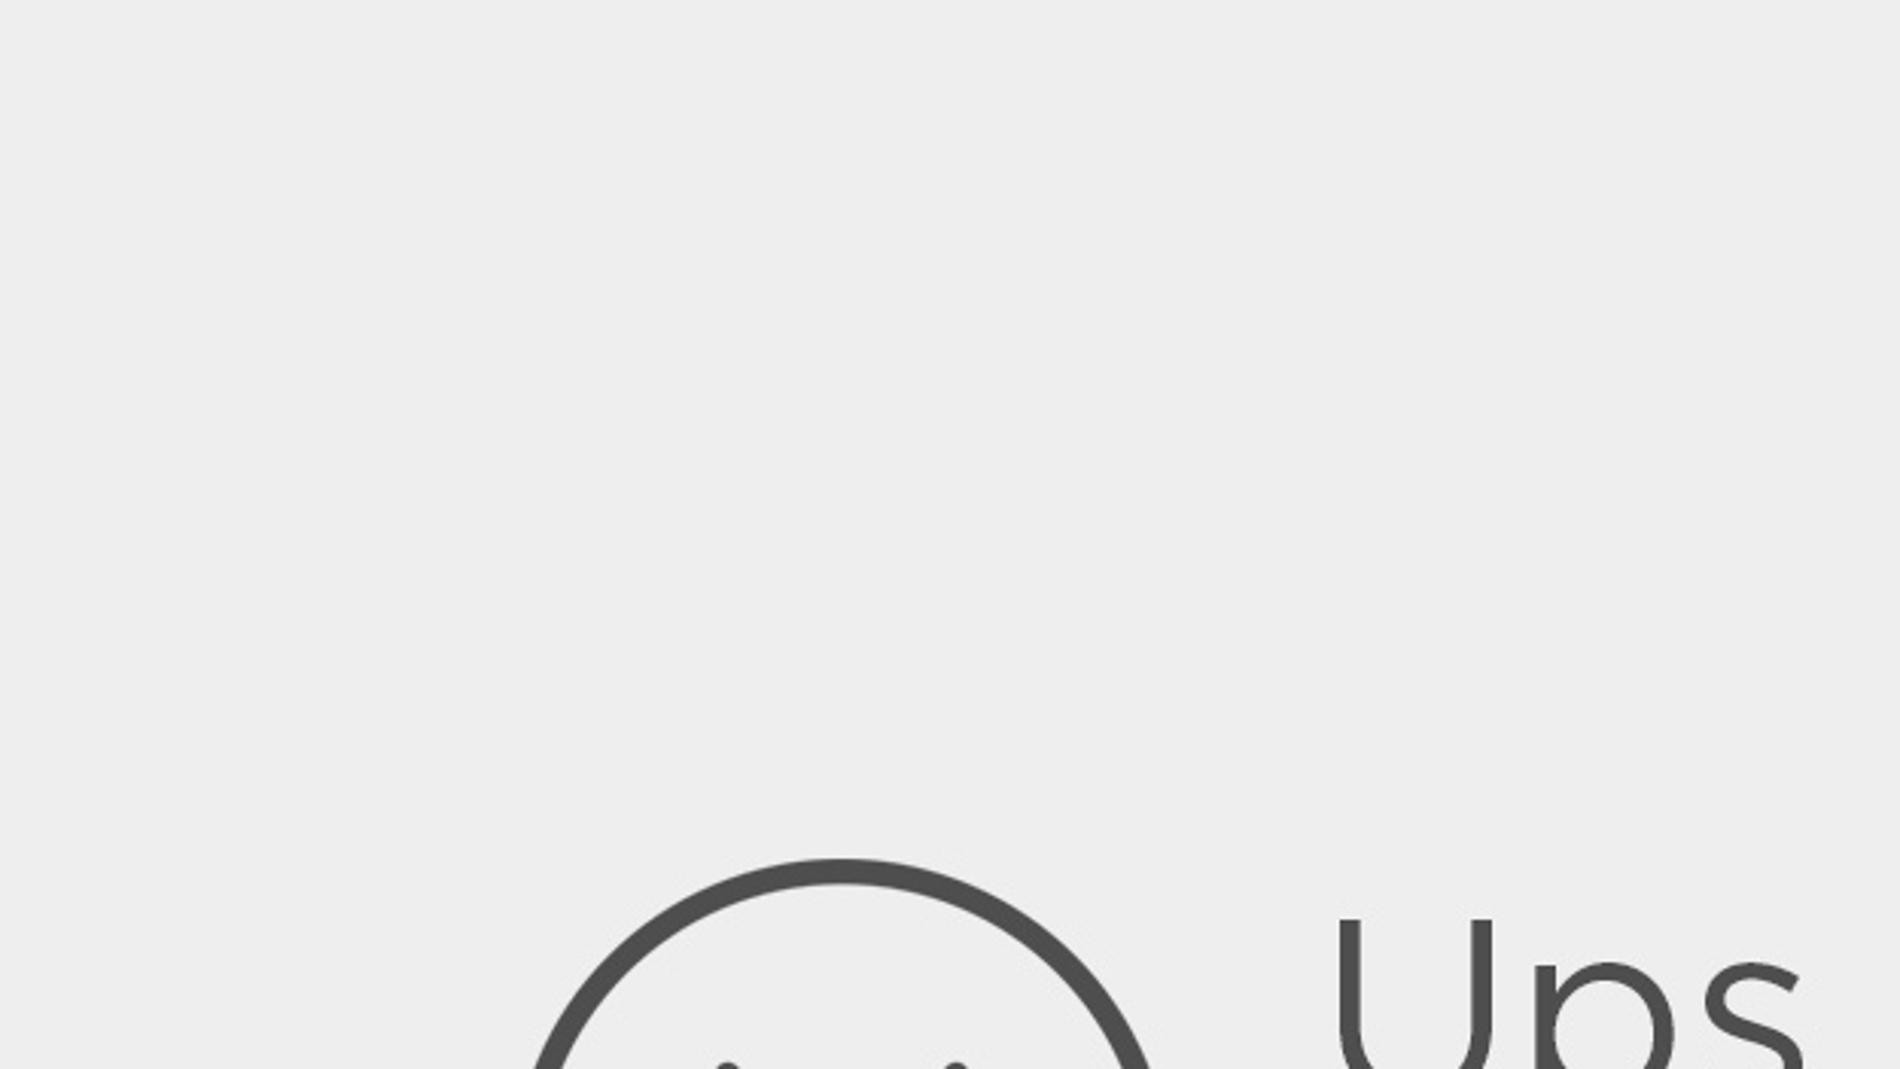 Las preseleccionadas a peor película del año